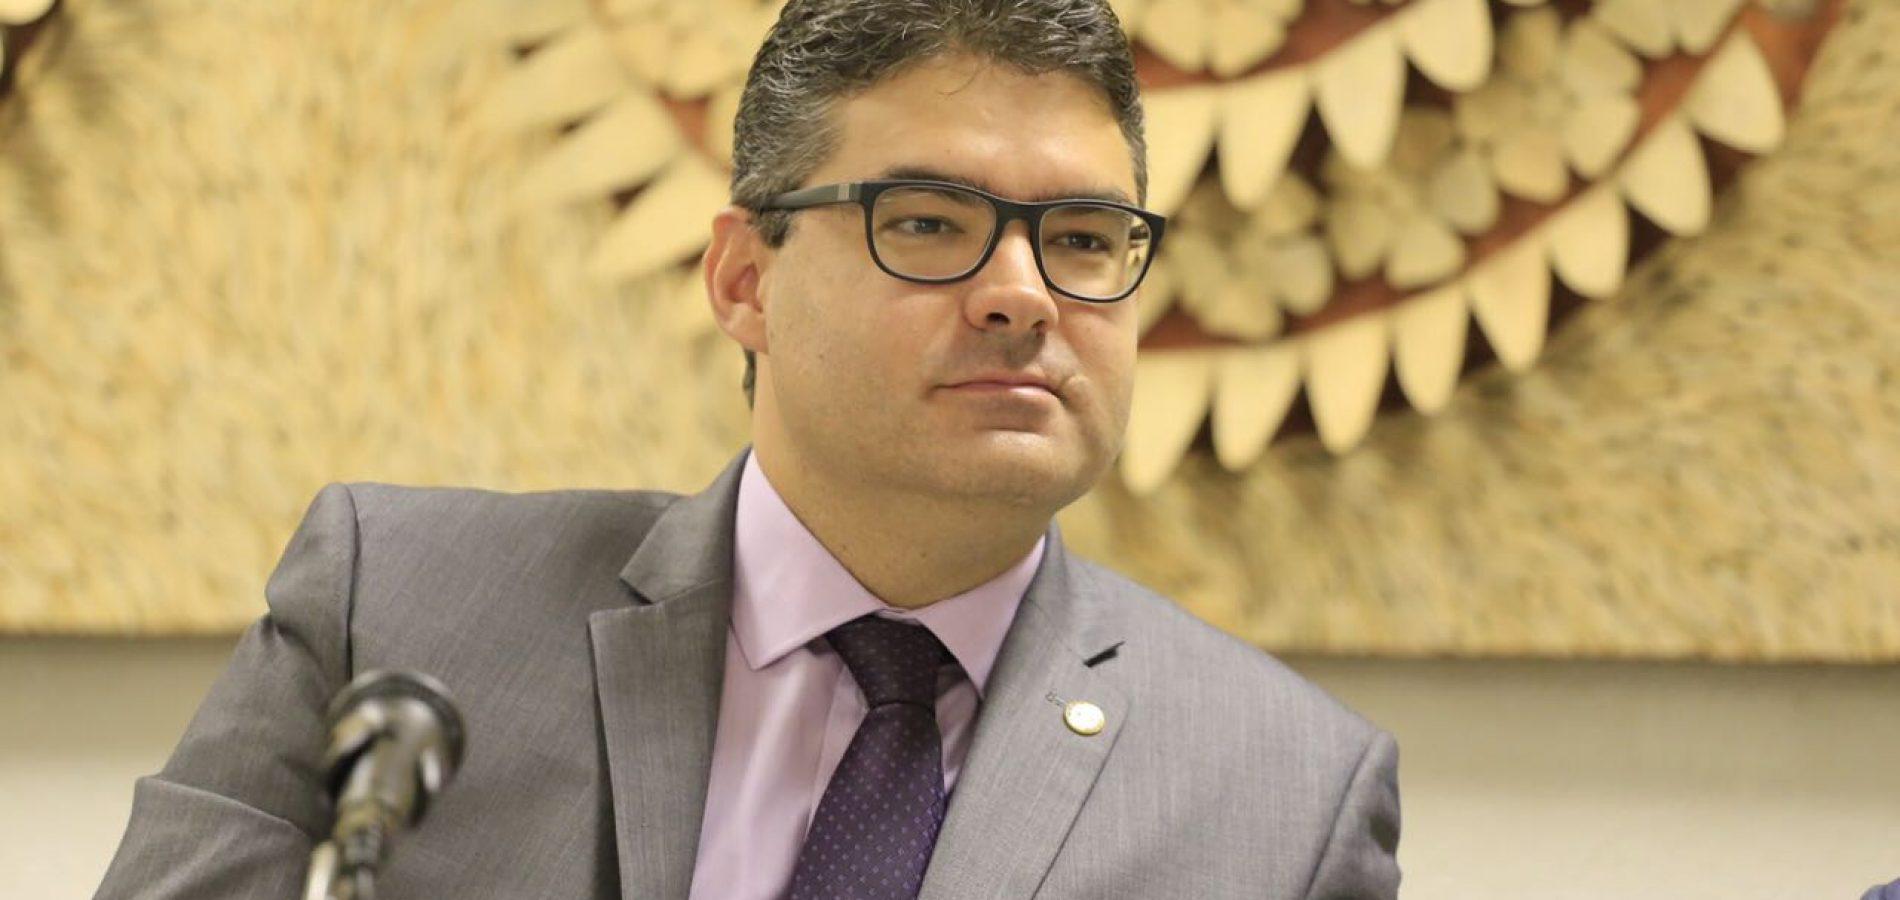 Sancionada a lei que obriga exposição de produtos pra celíacos e diabáeticos no Piauí